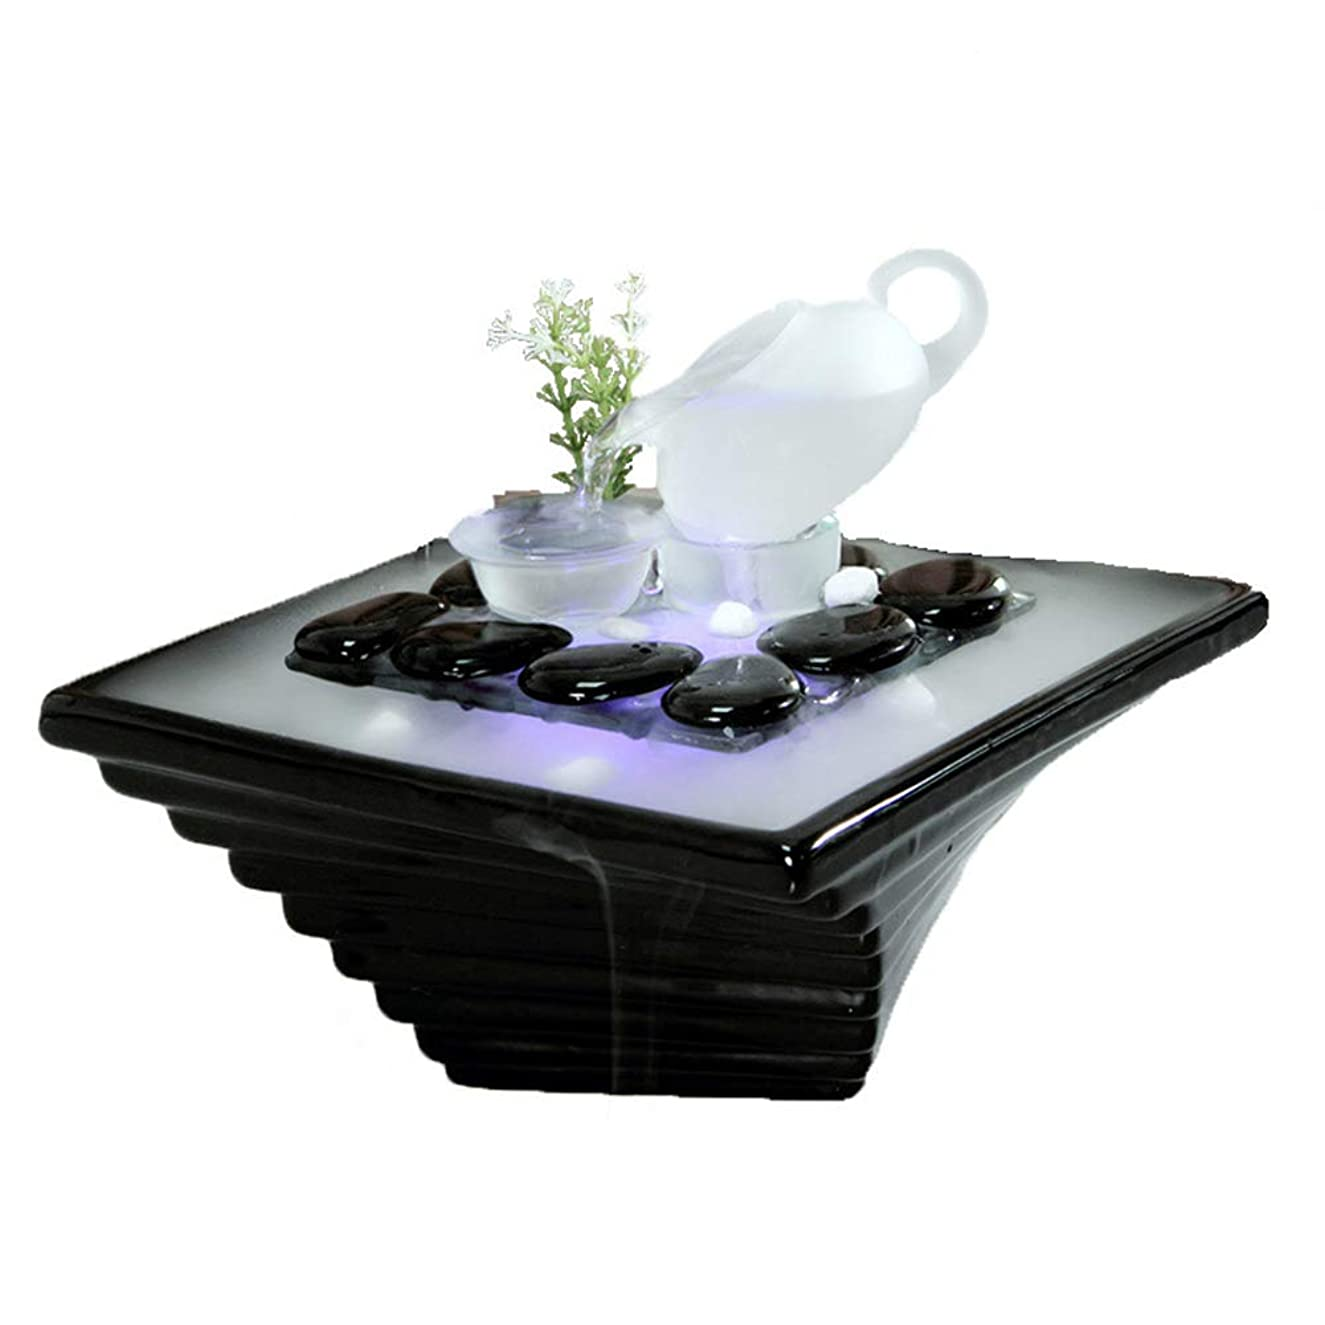 社会科哲学的歌詞エッセンシャルオイルディフューザー空気加湿器セラミッククラフトクリエイティブホームデスクトップ装飾アロマセラピー絶妙なギフト,Black